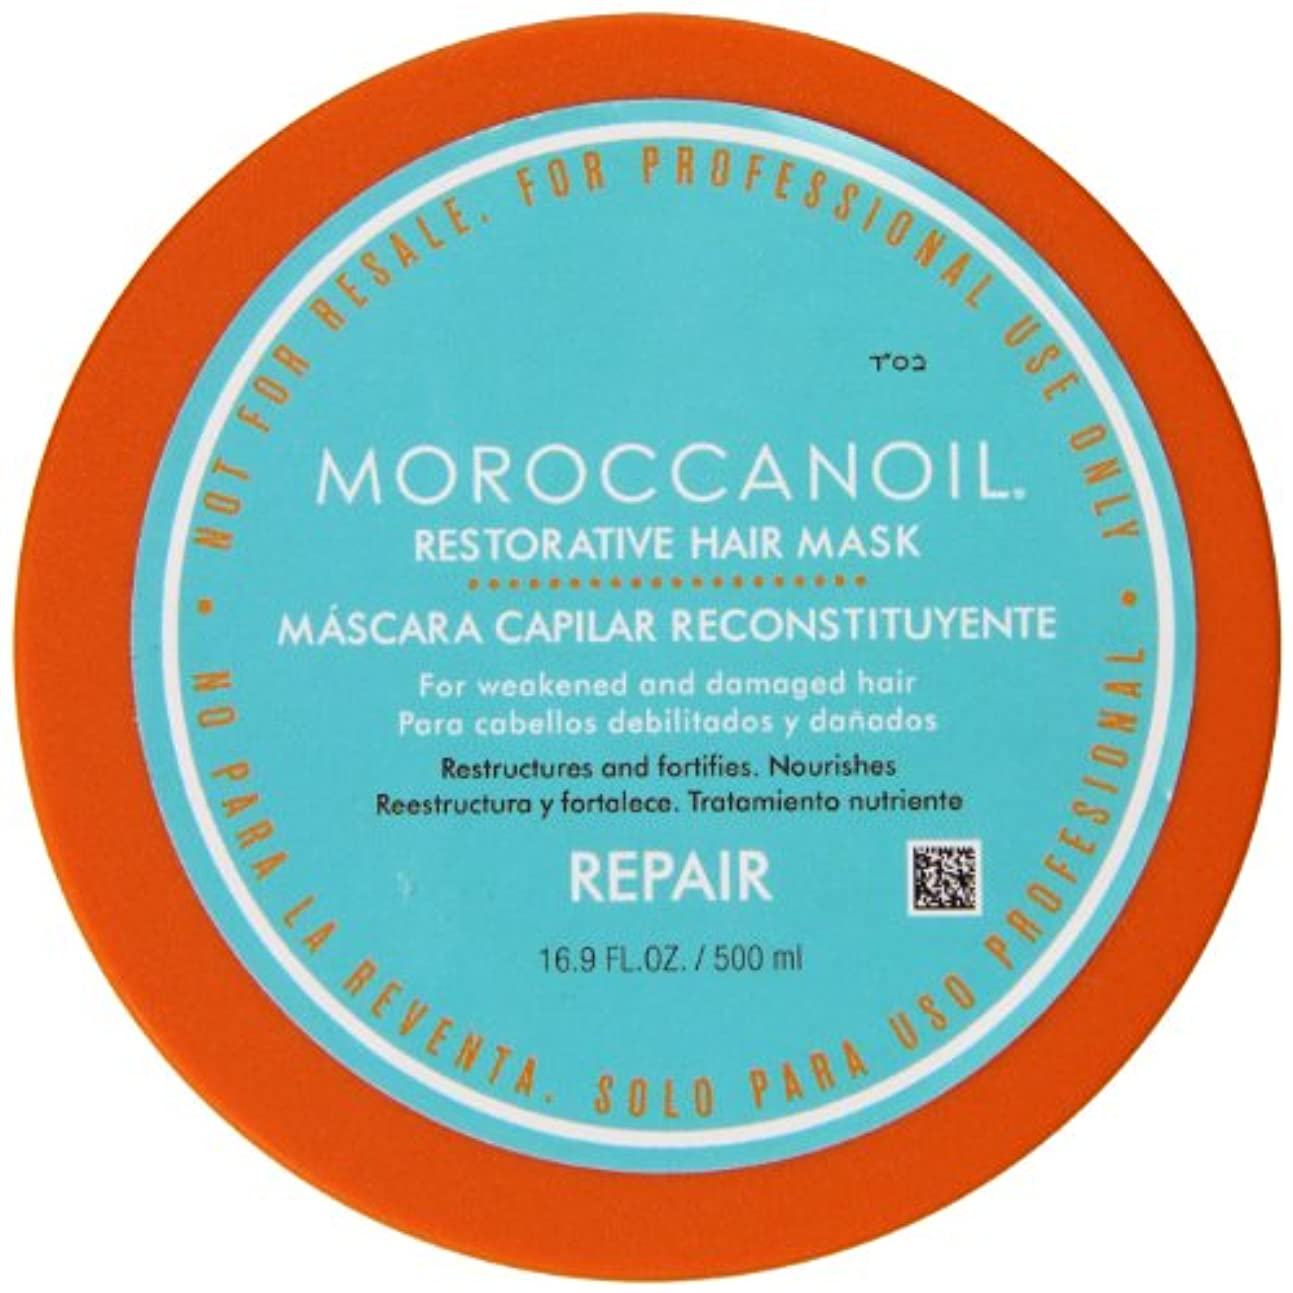 敵意深める服を洗うモロッカンオイル リストラクティブ ヘア マスク (ダメージを受けた髪用) 500ml/16.9oz並行輸入品